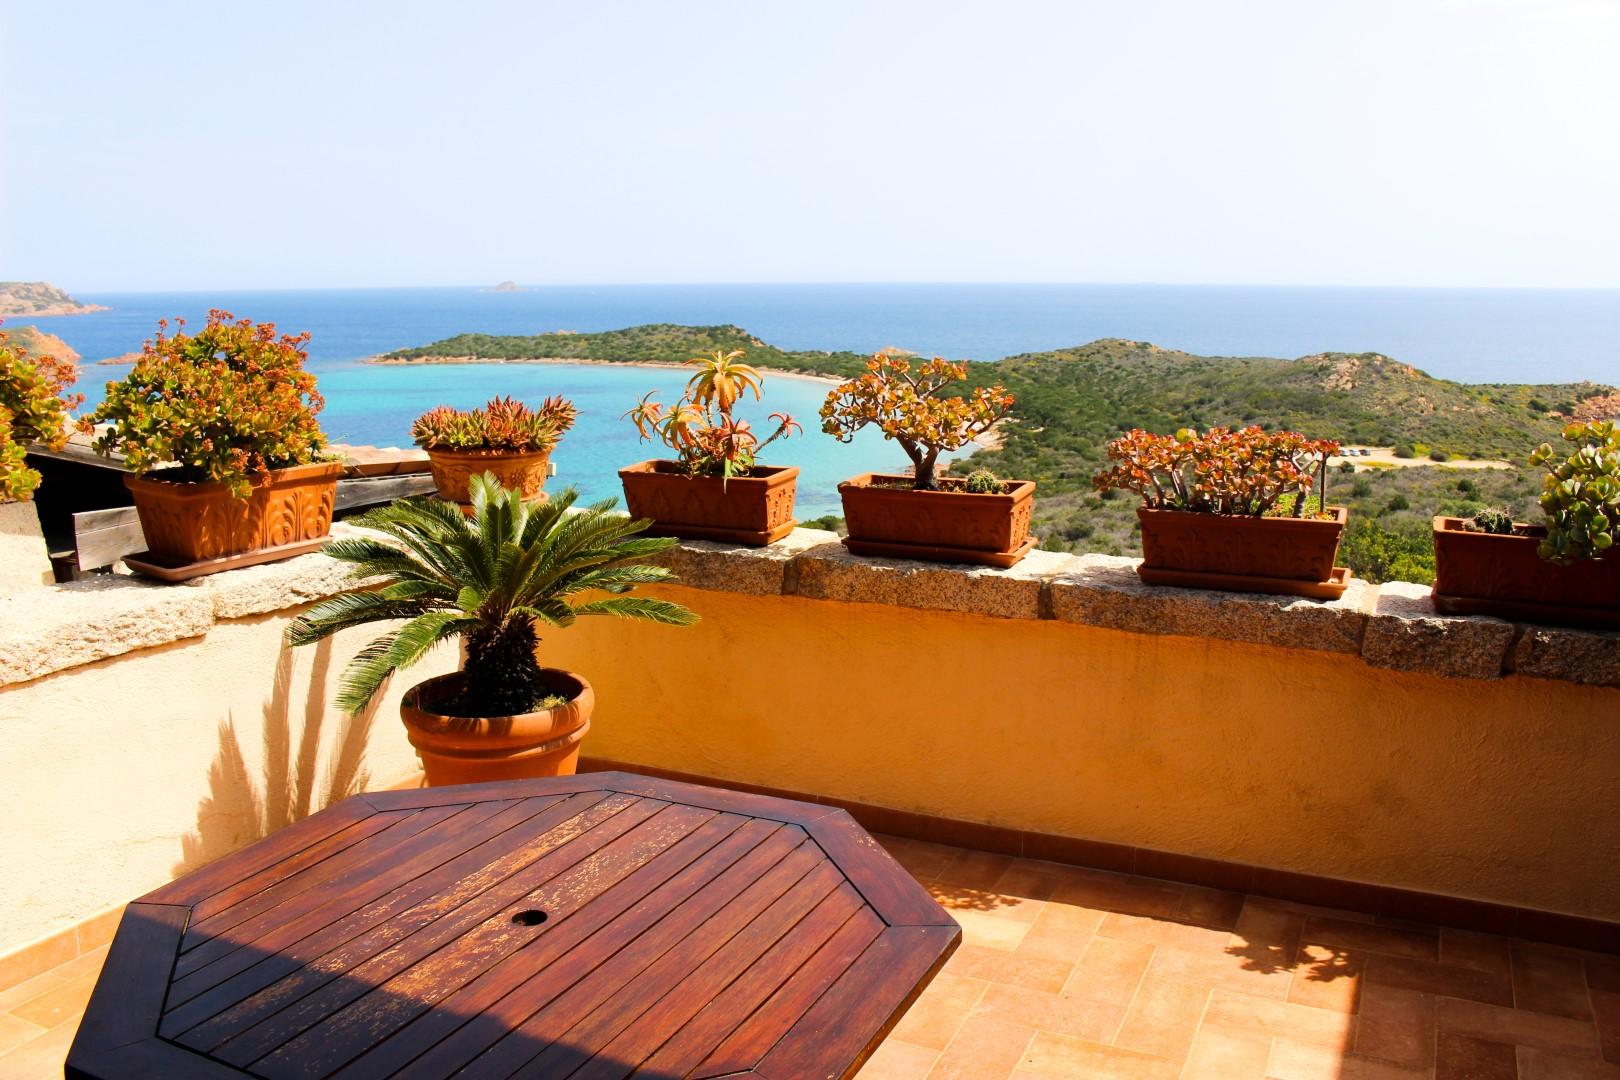 Casa Smeralda - Coda Cavallo Resort (noordoosten) 4